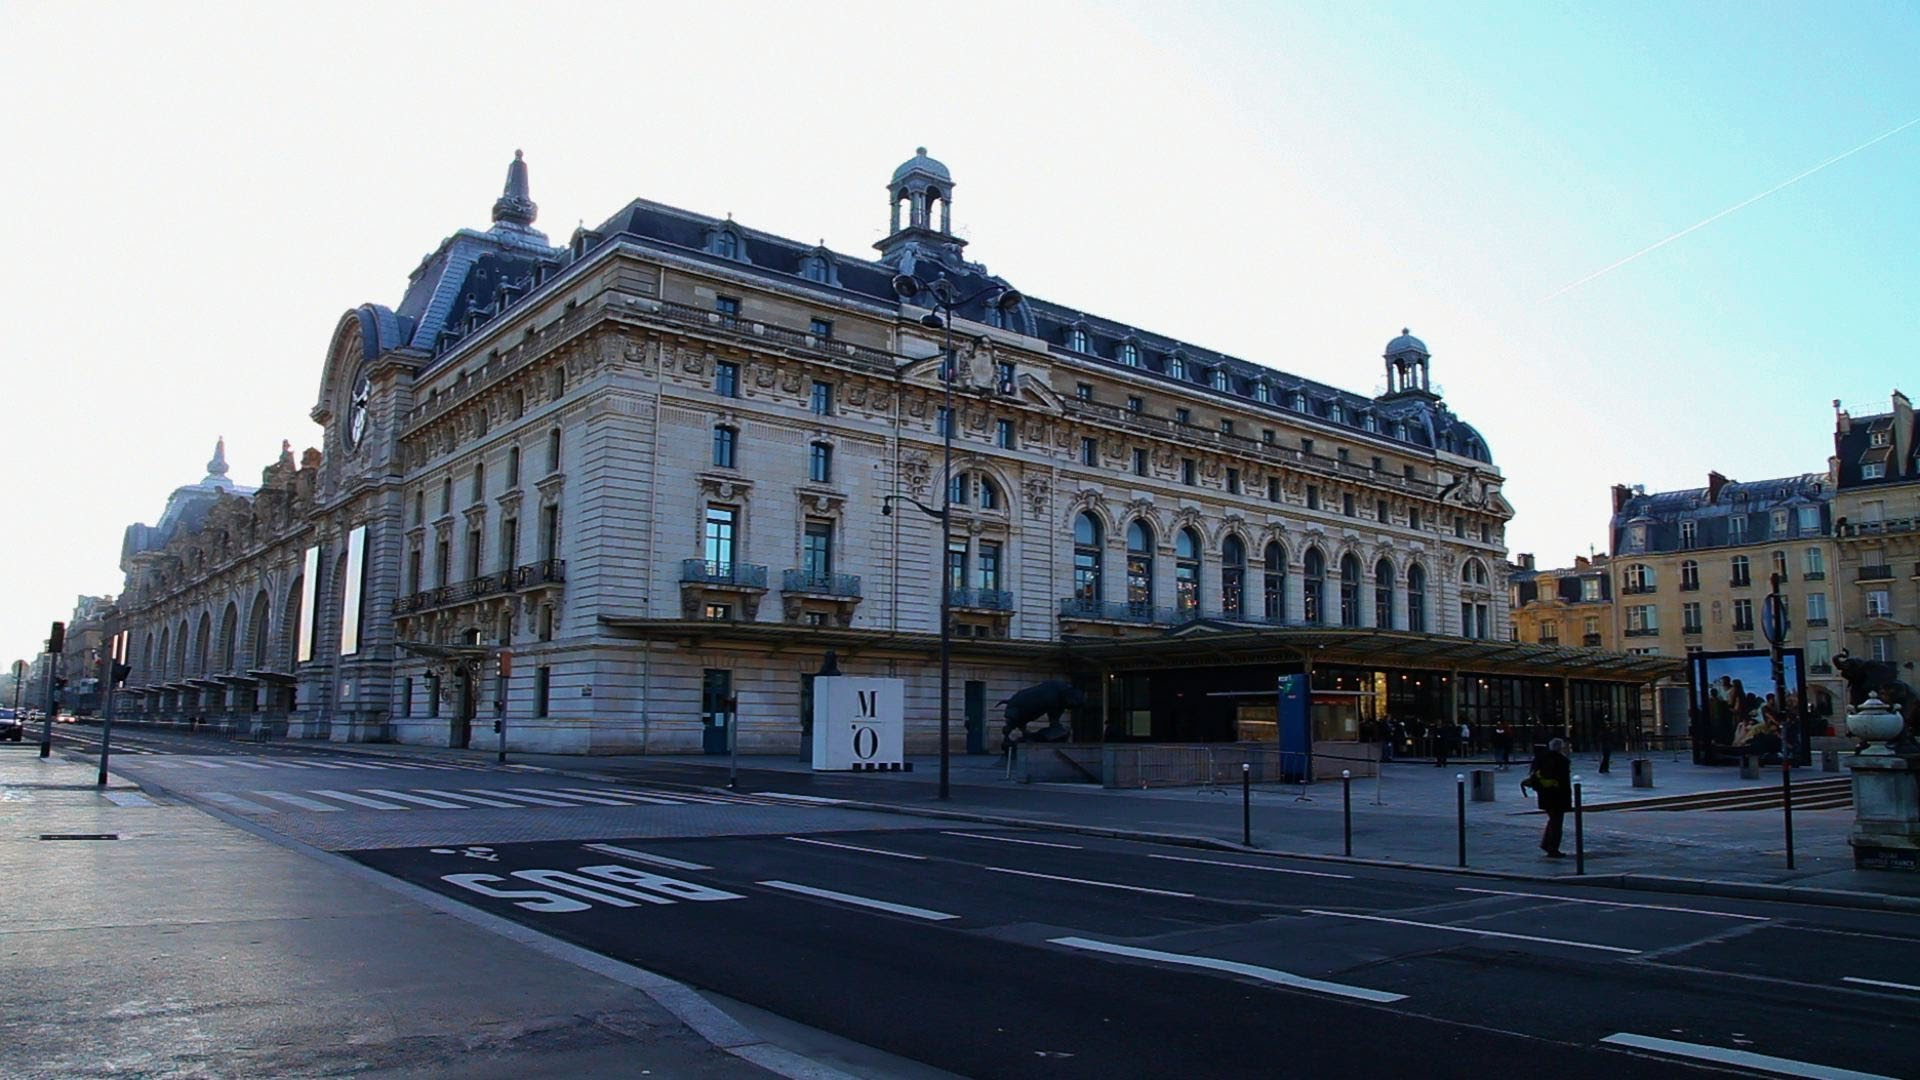 【博物館巡禮】法國:奧賽博物館